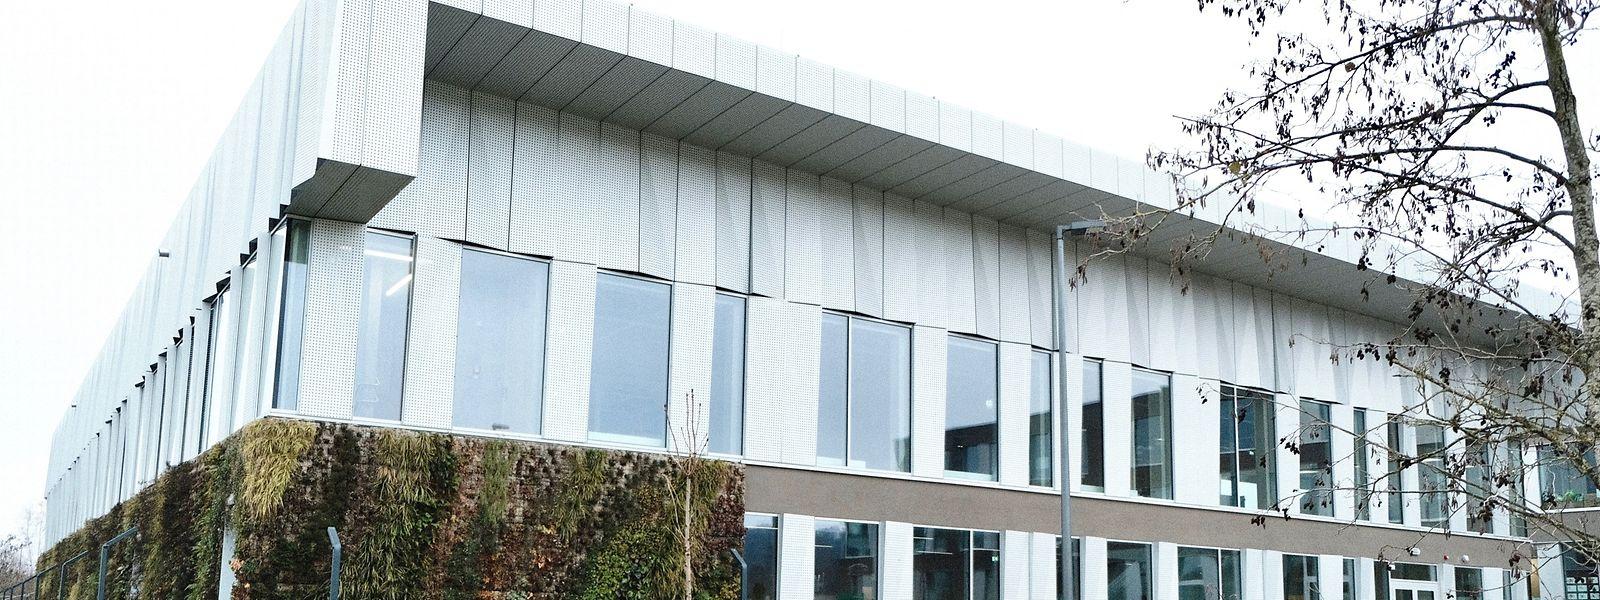 Die funkelnagelneue Sporthalle auf dem Kannercampus gehört zu den Anlagen, die im kommenden Monat Januar definitiv in Betrieb genommen werden.